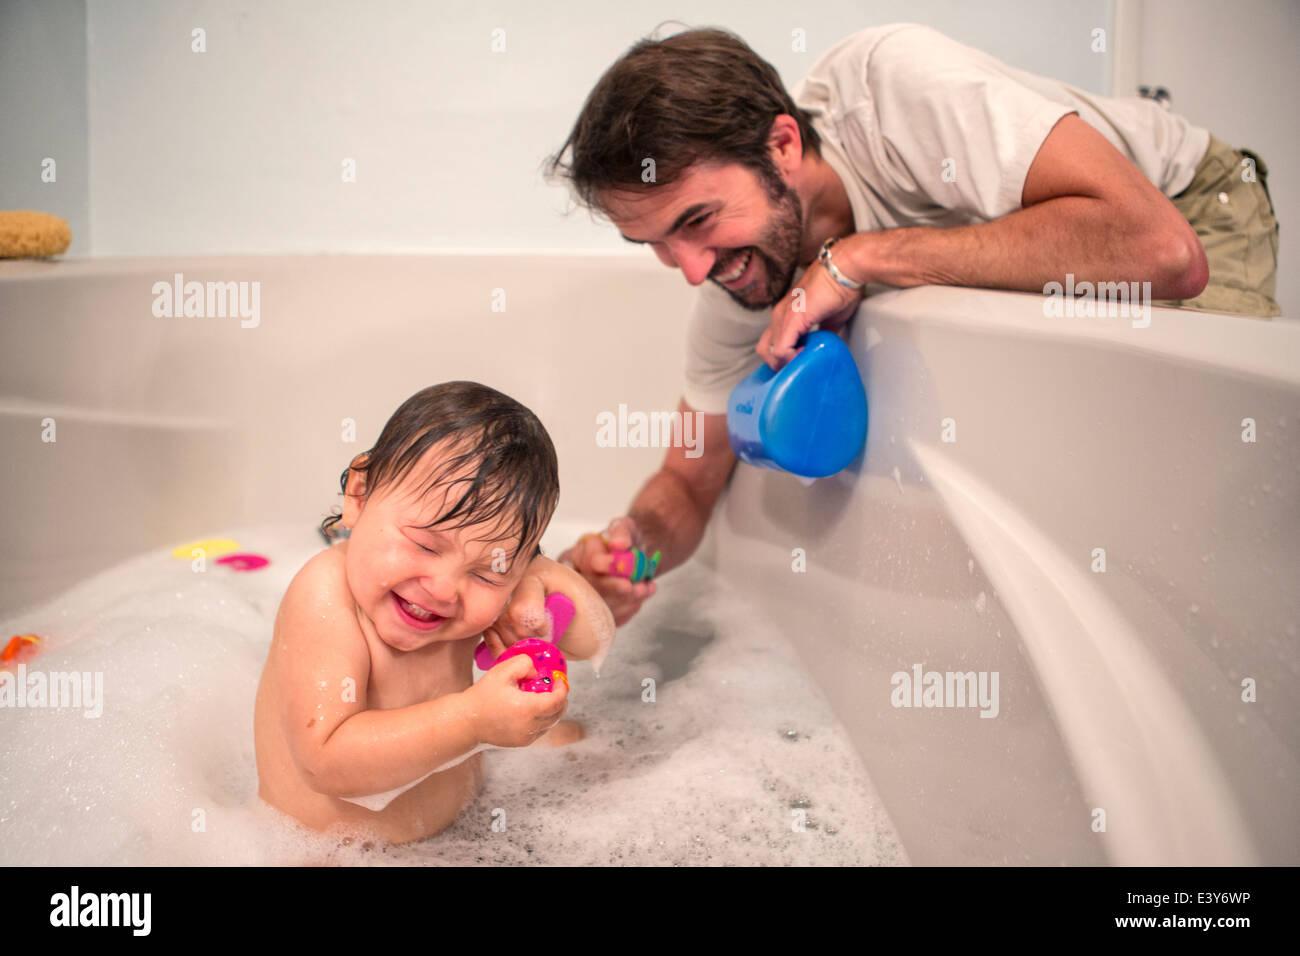 Padre e figlia toddler giocando al momento in bagno Immagini Stock